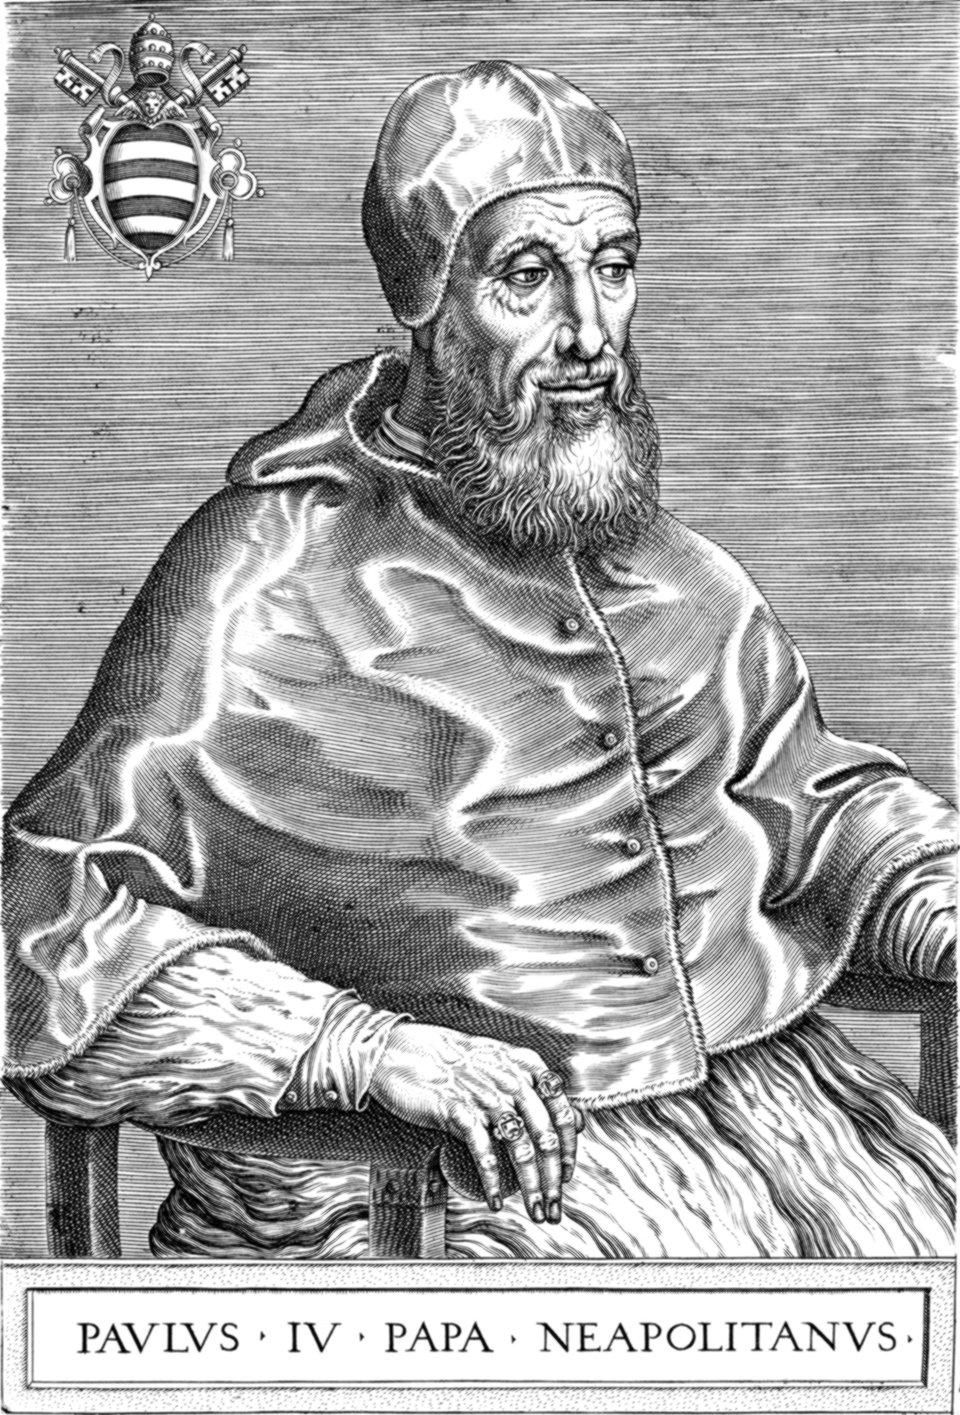 Paweł IV (Govanni Pietro Carafa – 1555-1559) Źródło: Onofrio Panvinio, Paweł IV (Govanni Pietro Carafa – 1555-1559), przed 1568, domena publiczna.